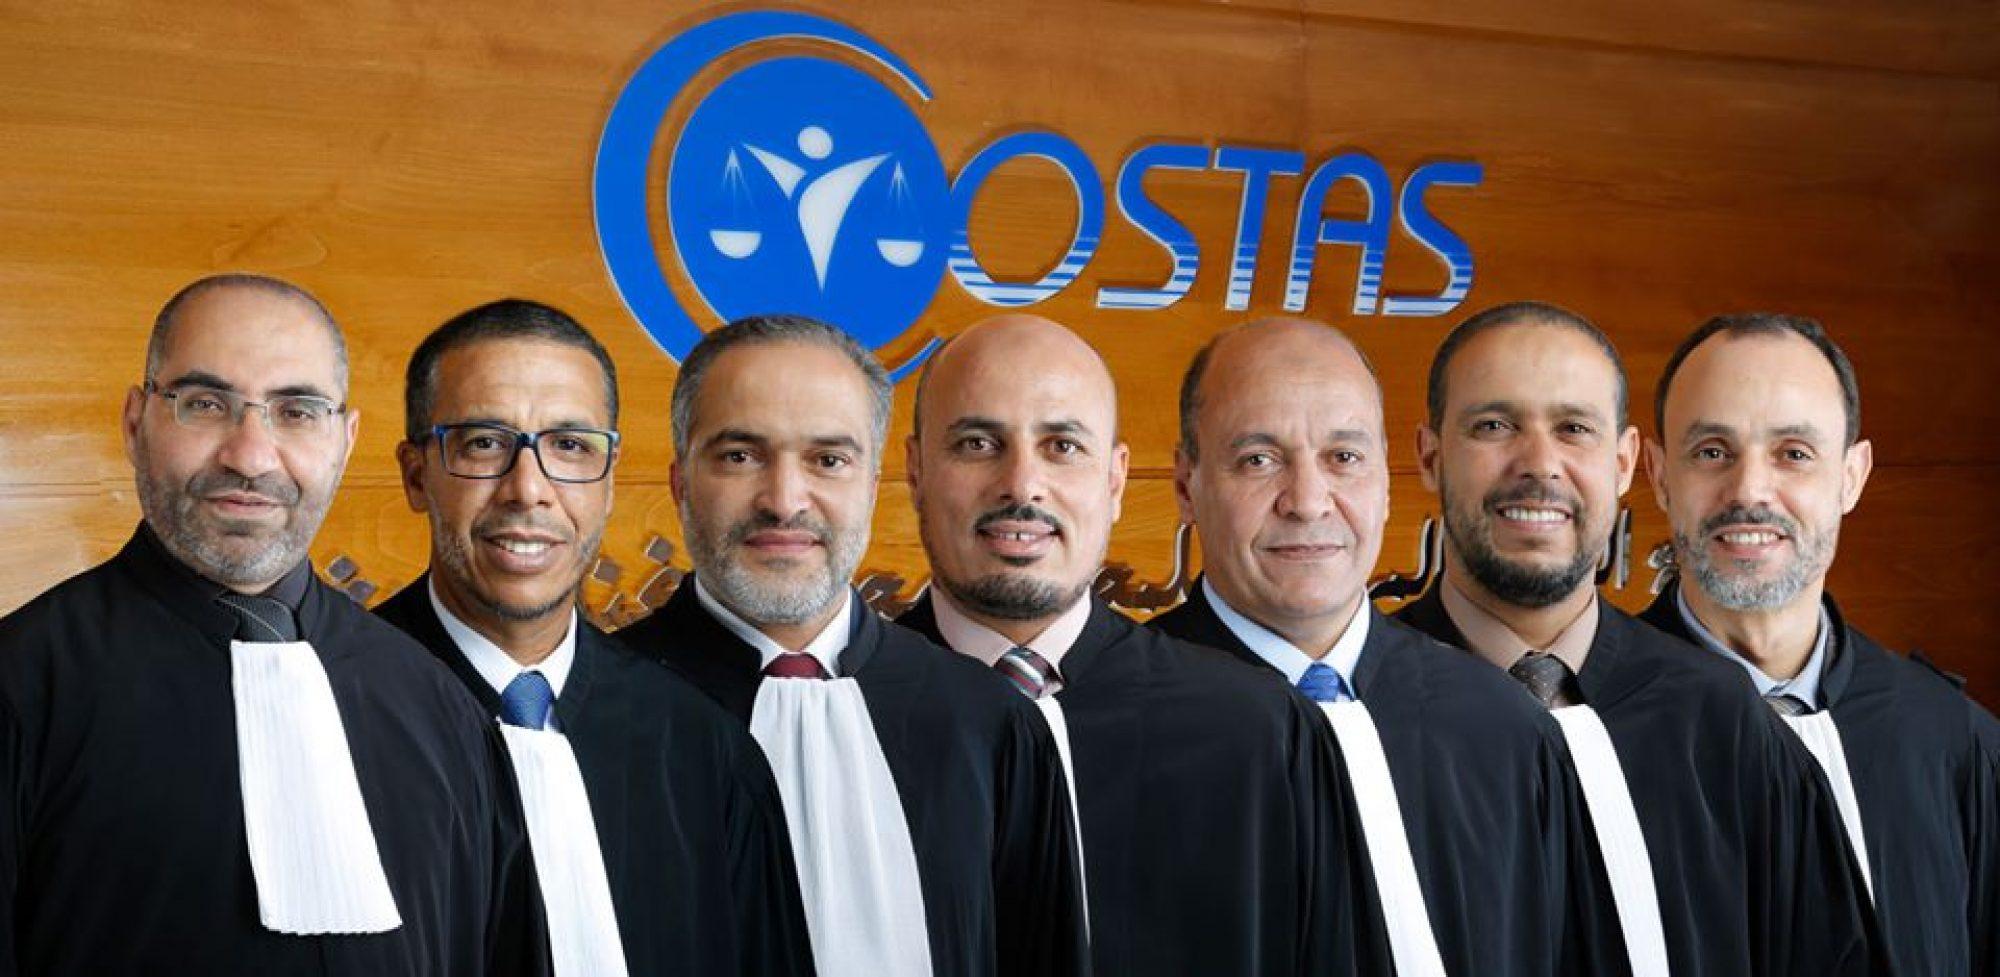 Cabinet COSTAS d'Avocats Casablanca CabinetCostas Law Firm